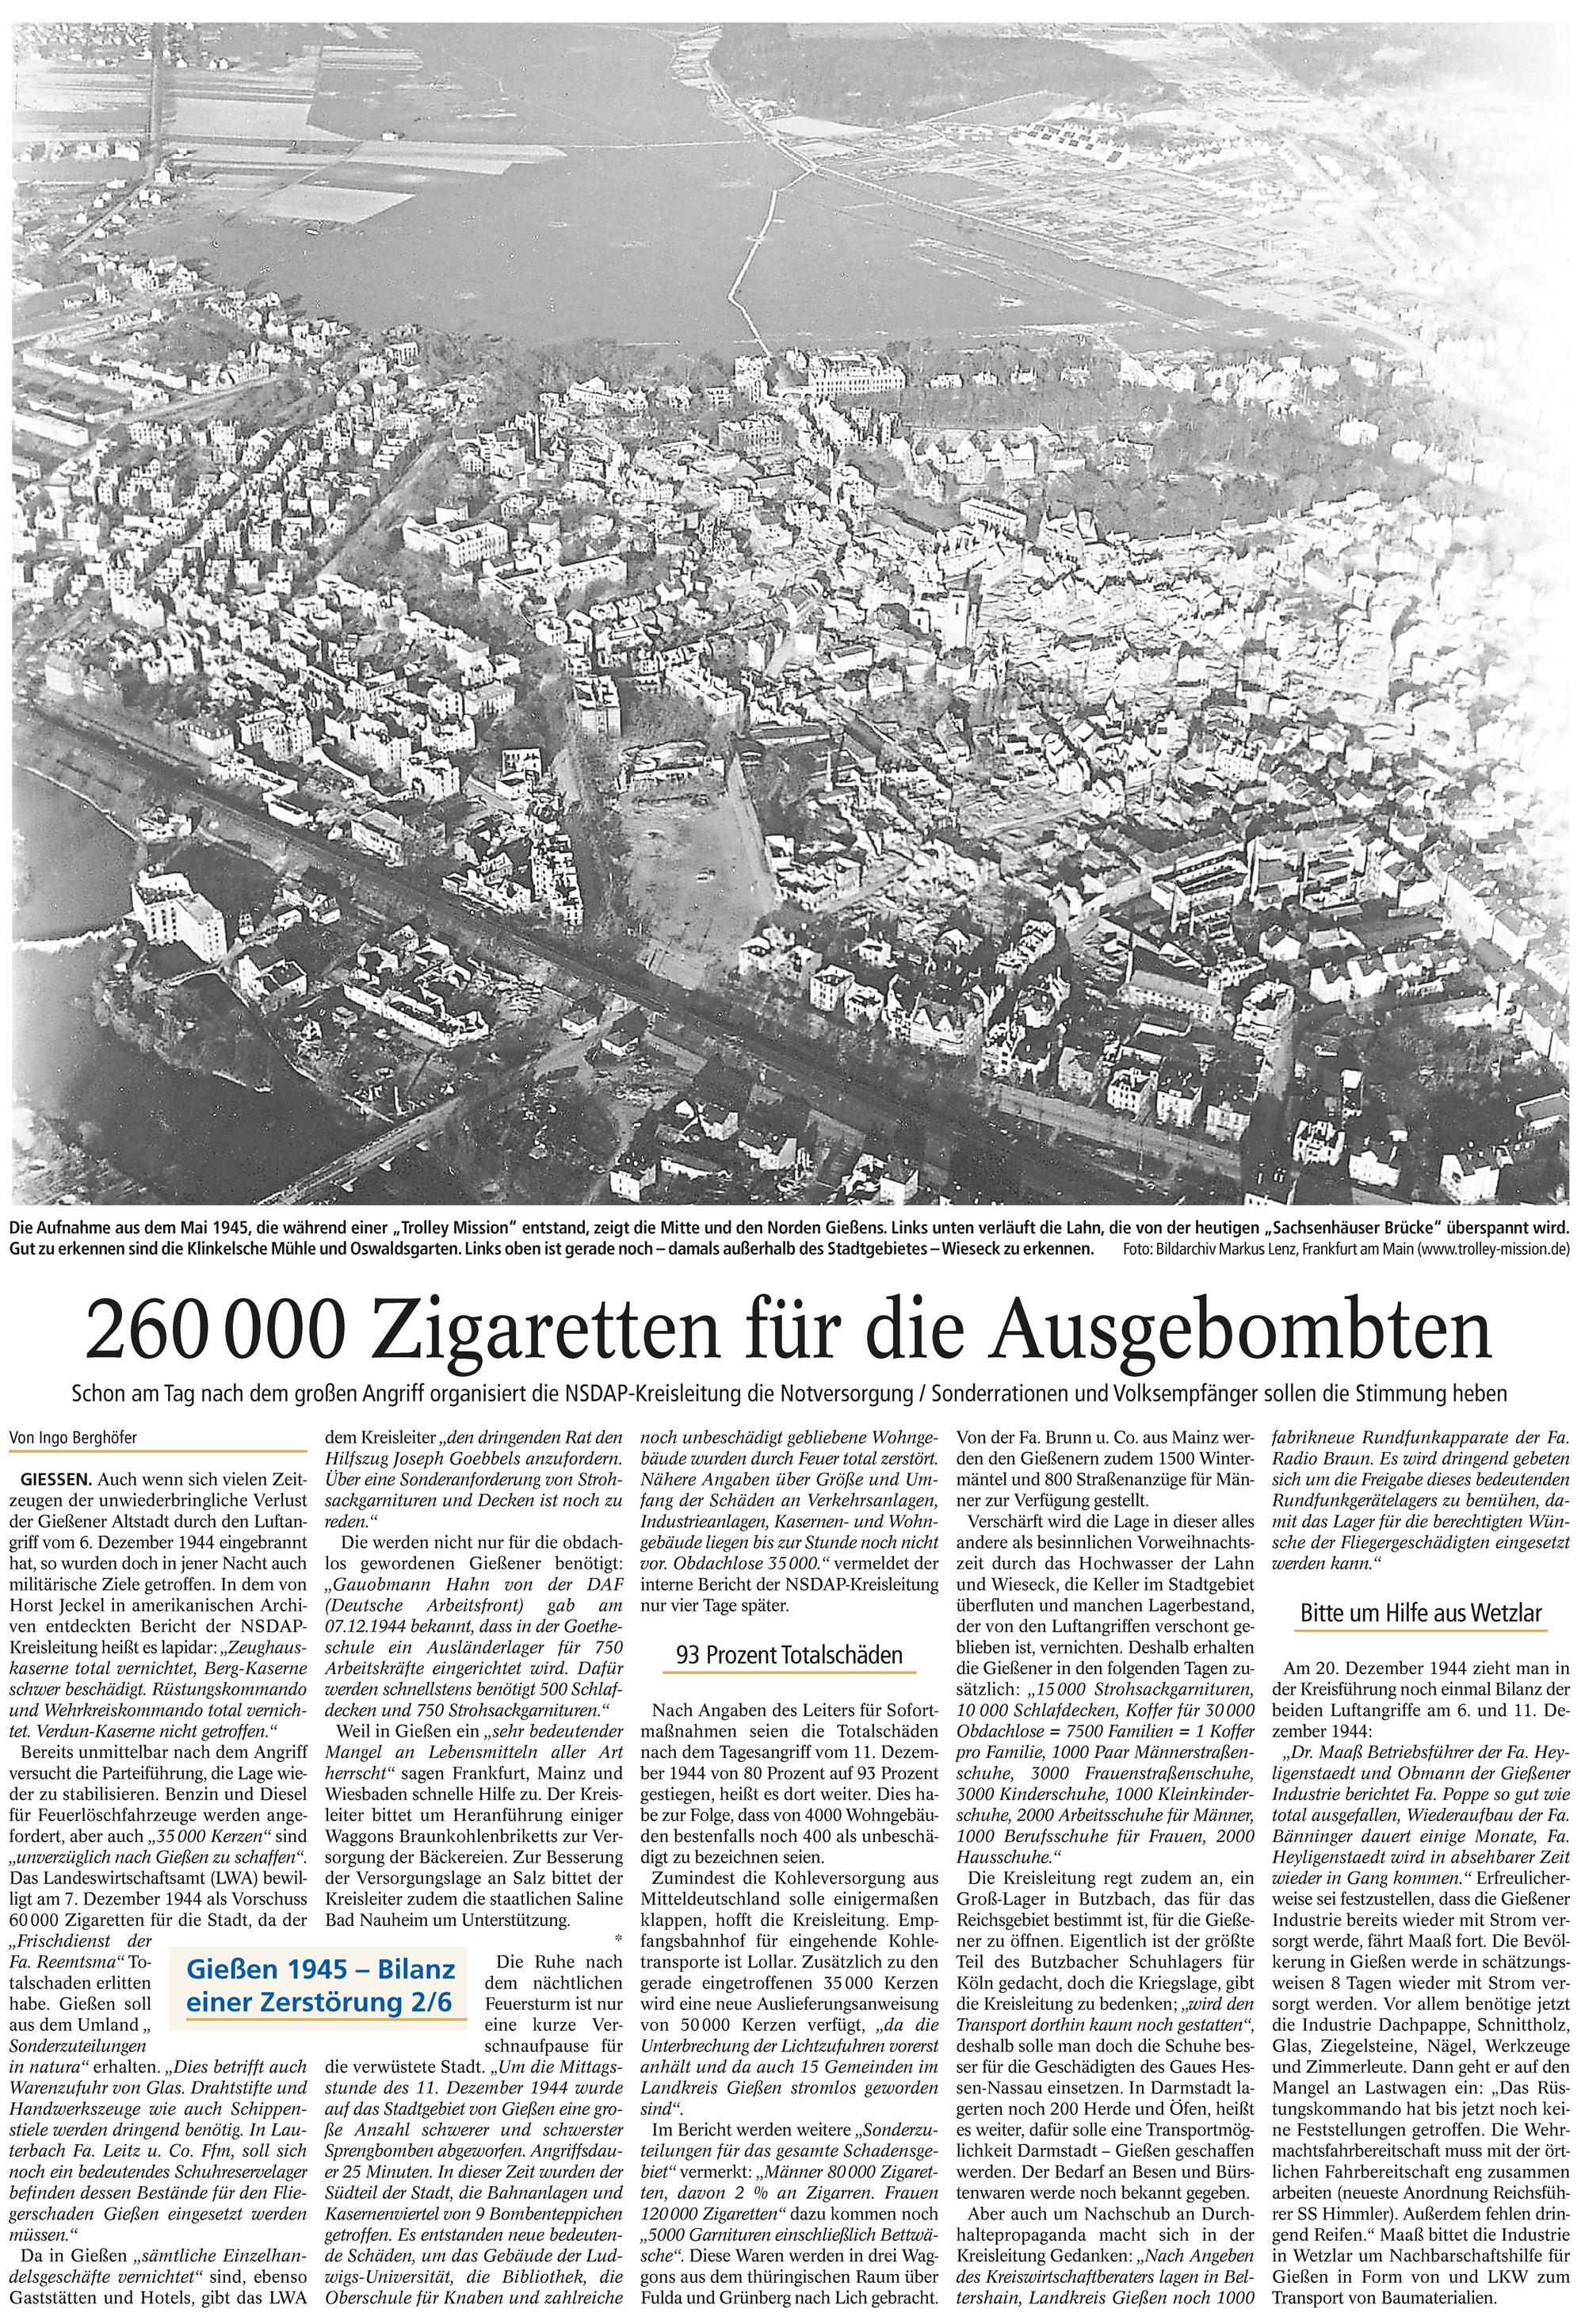 Gießener Anzeiger: 260.000 Zigaretten für die Ausgebombten